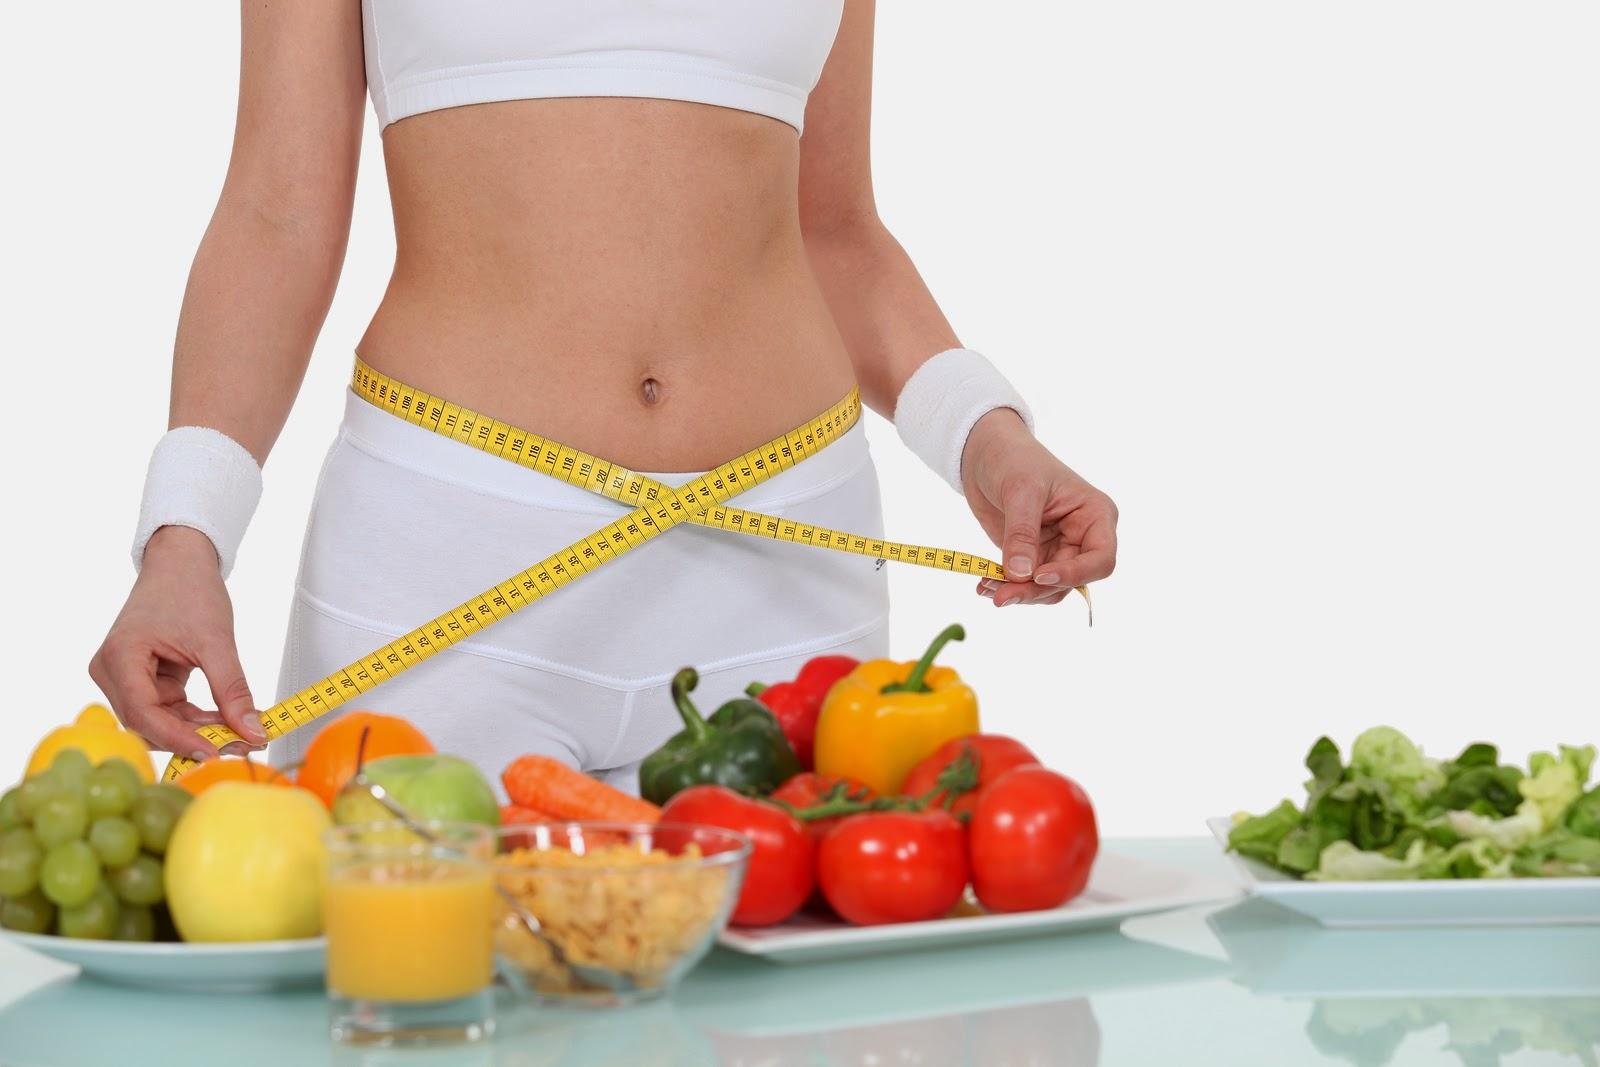 O estômago depois da perda de peso em condições de casa suspende